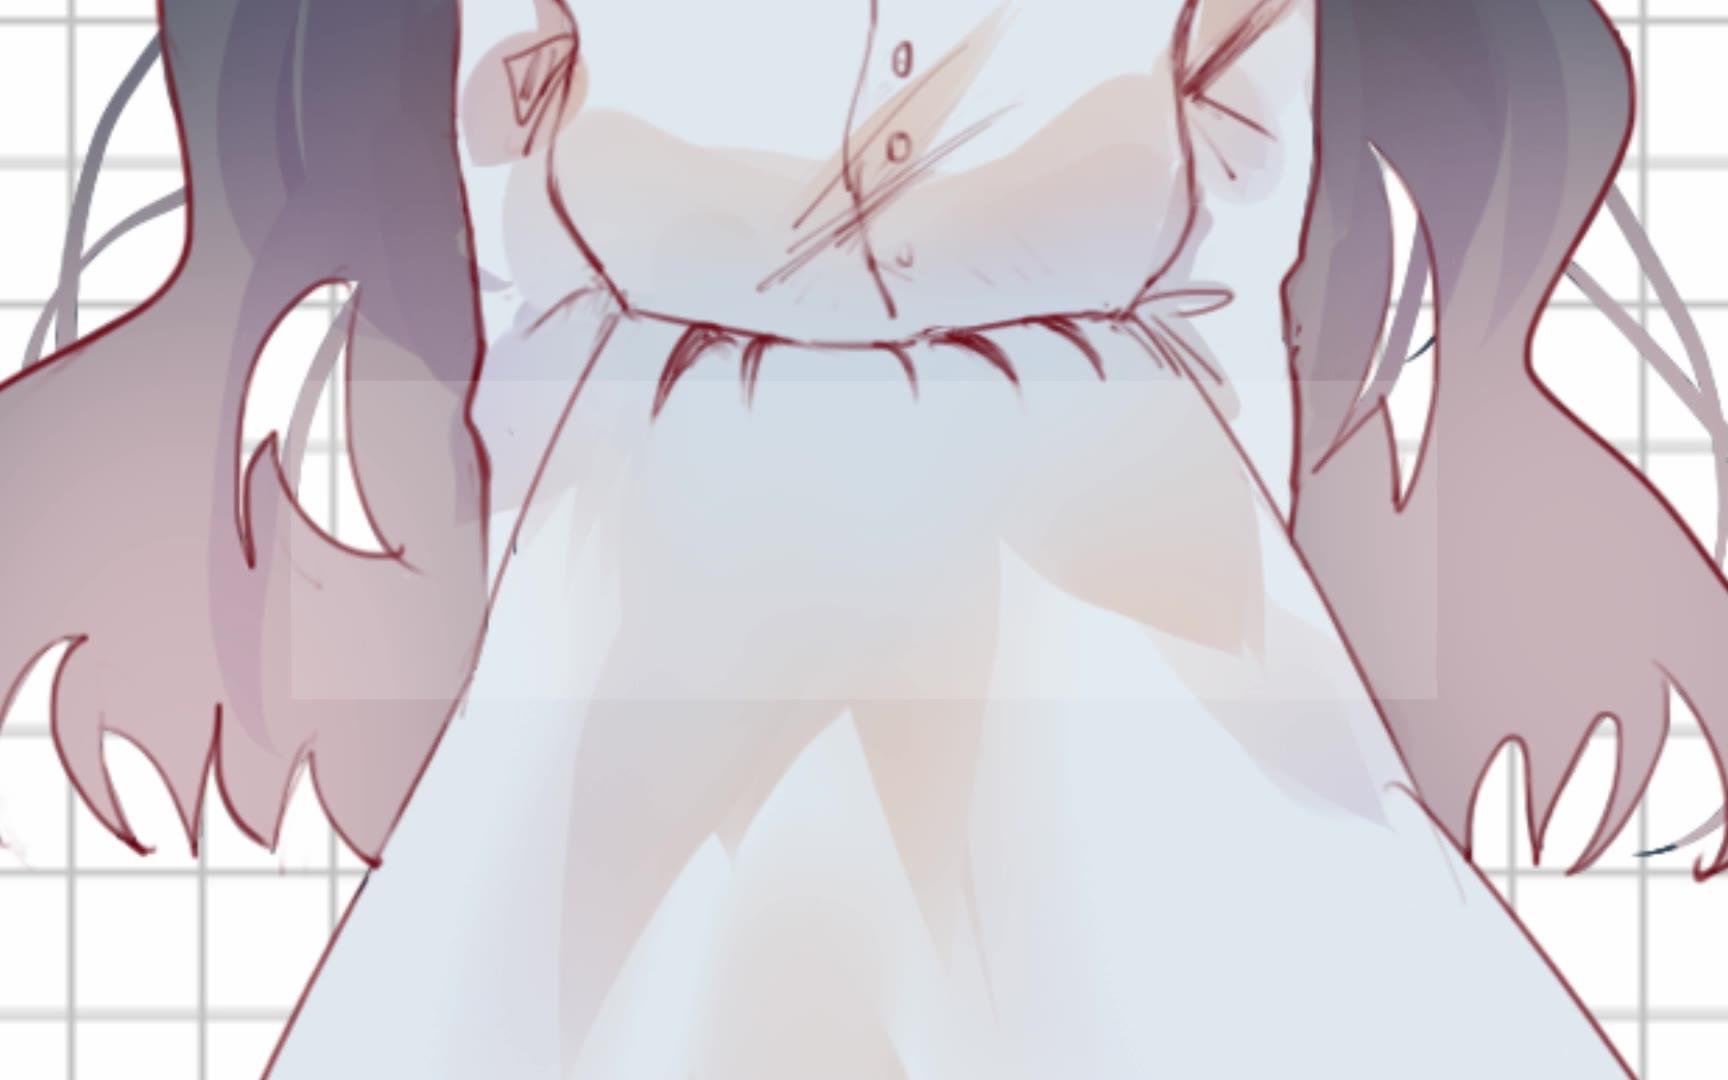 【千璃Senri&橘子ミカン】おなじ話